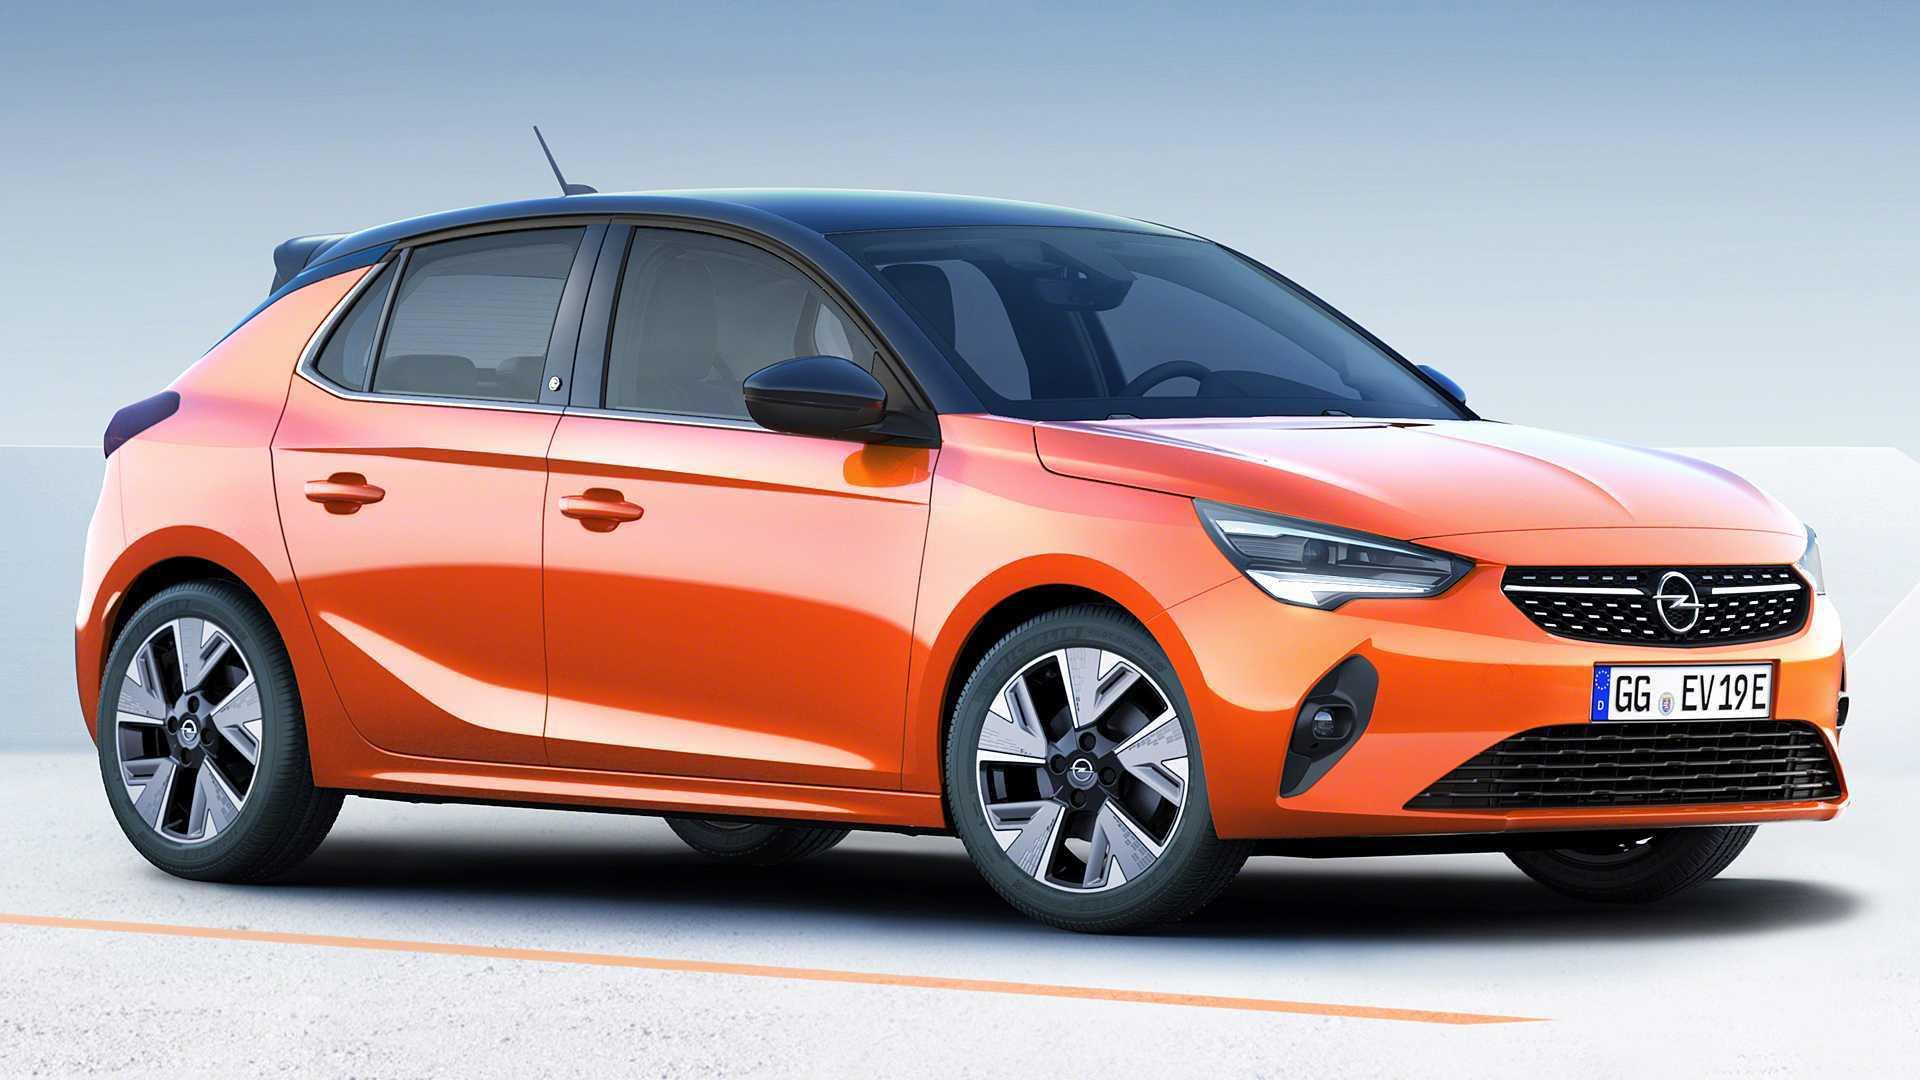 Nuova Opel Corsa, la sesta generazione nasce elettrica